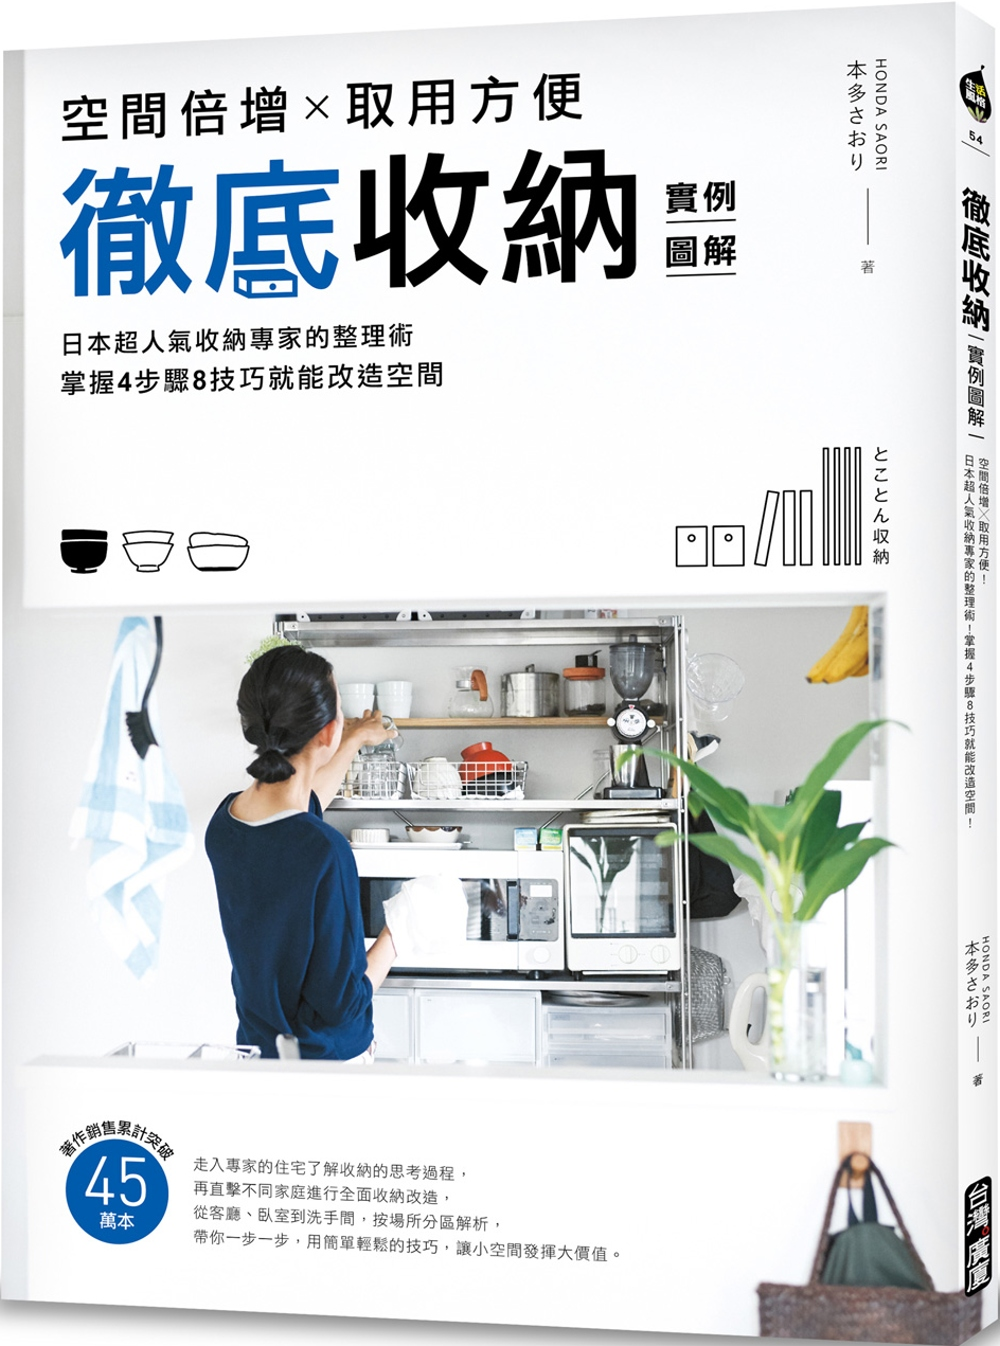 ◤博客來BOOKS◢ 暢銷書榜《推薦》徹底收納【實例圖解】:空間倍增X取用方便!日本超人氣收納專家的整理術!掌握4步驟8技巧就能改造空間!